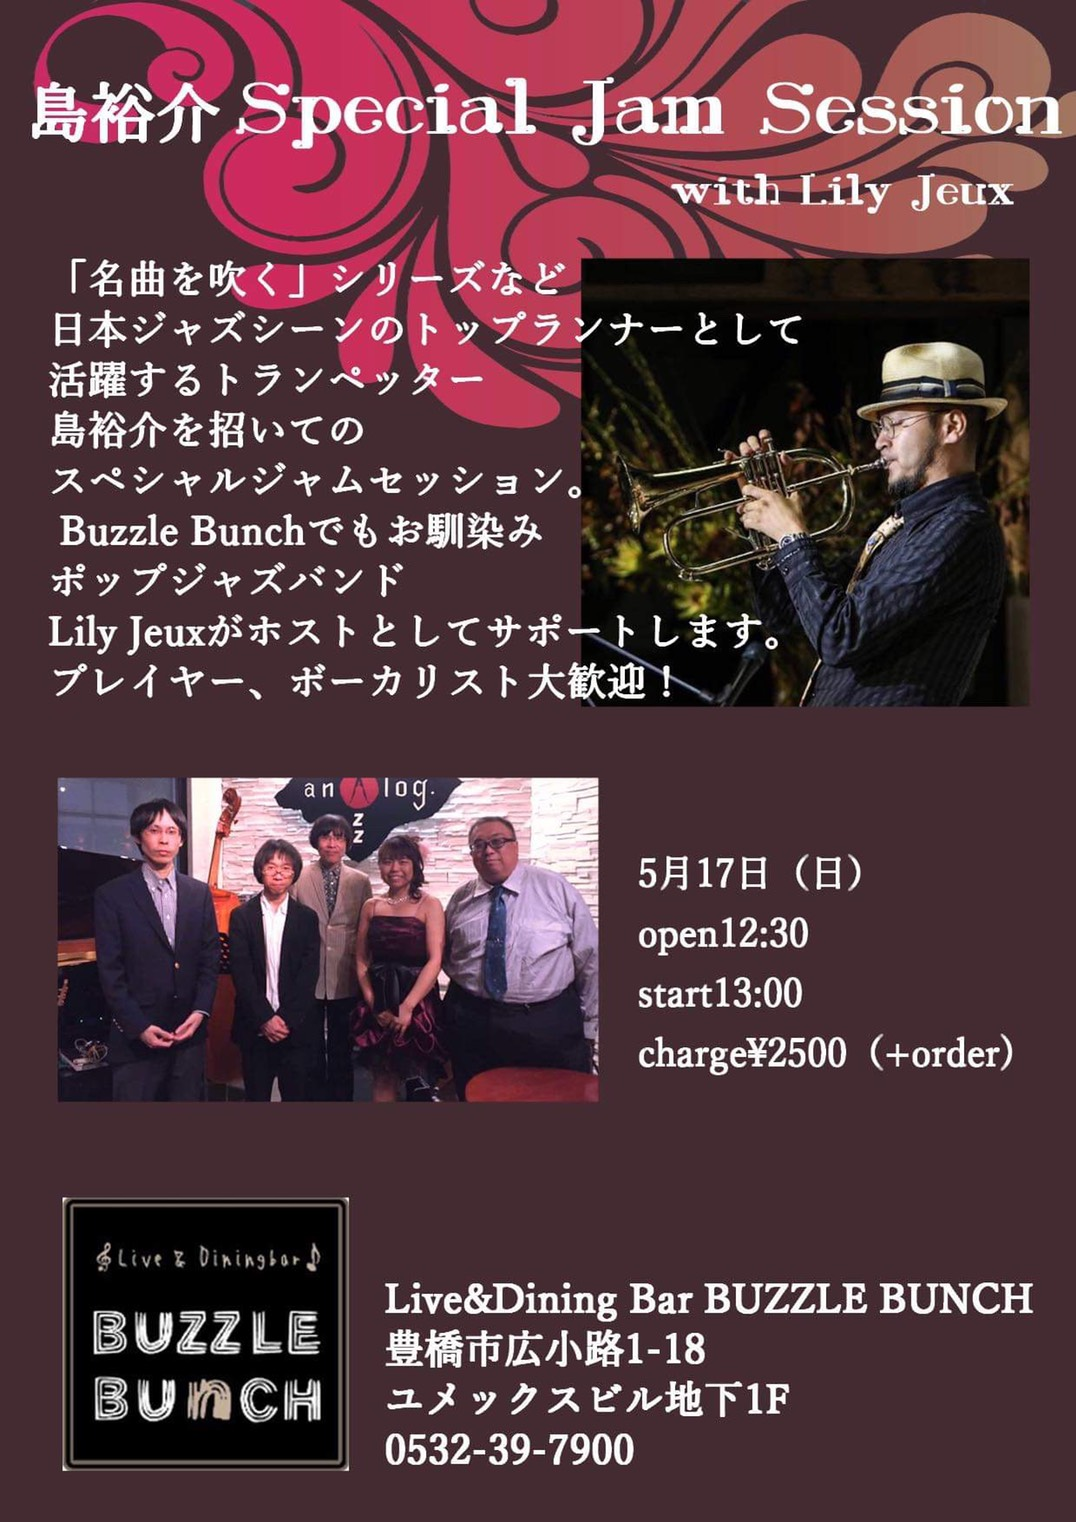 2020年5月17日(日) 島祐介 Special Jam Session with Lily Jeux 中止のお知らせ